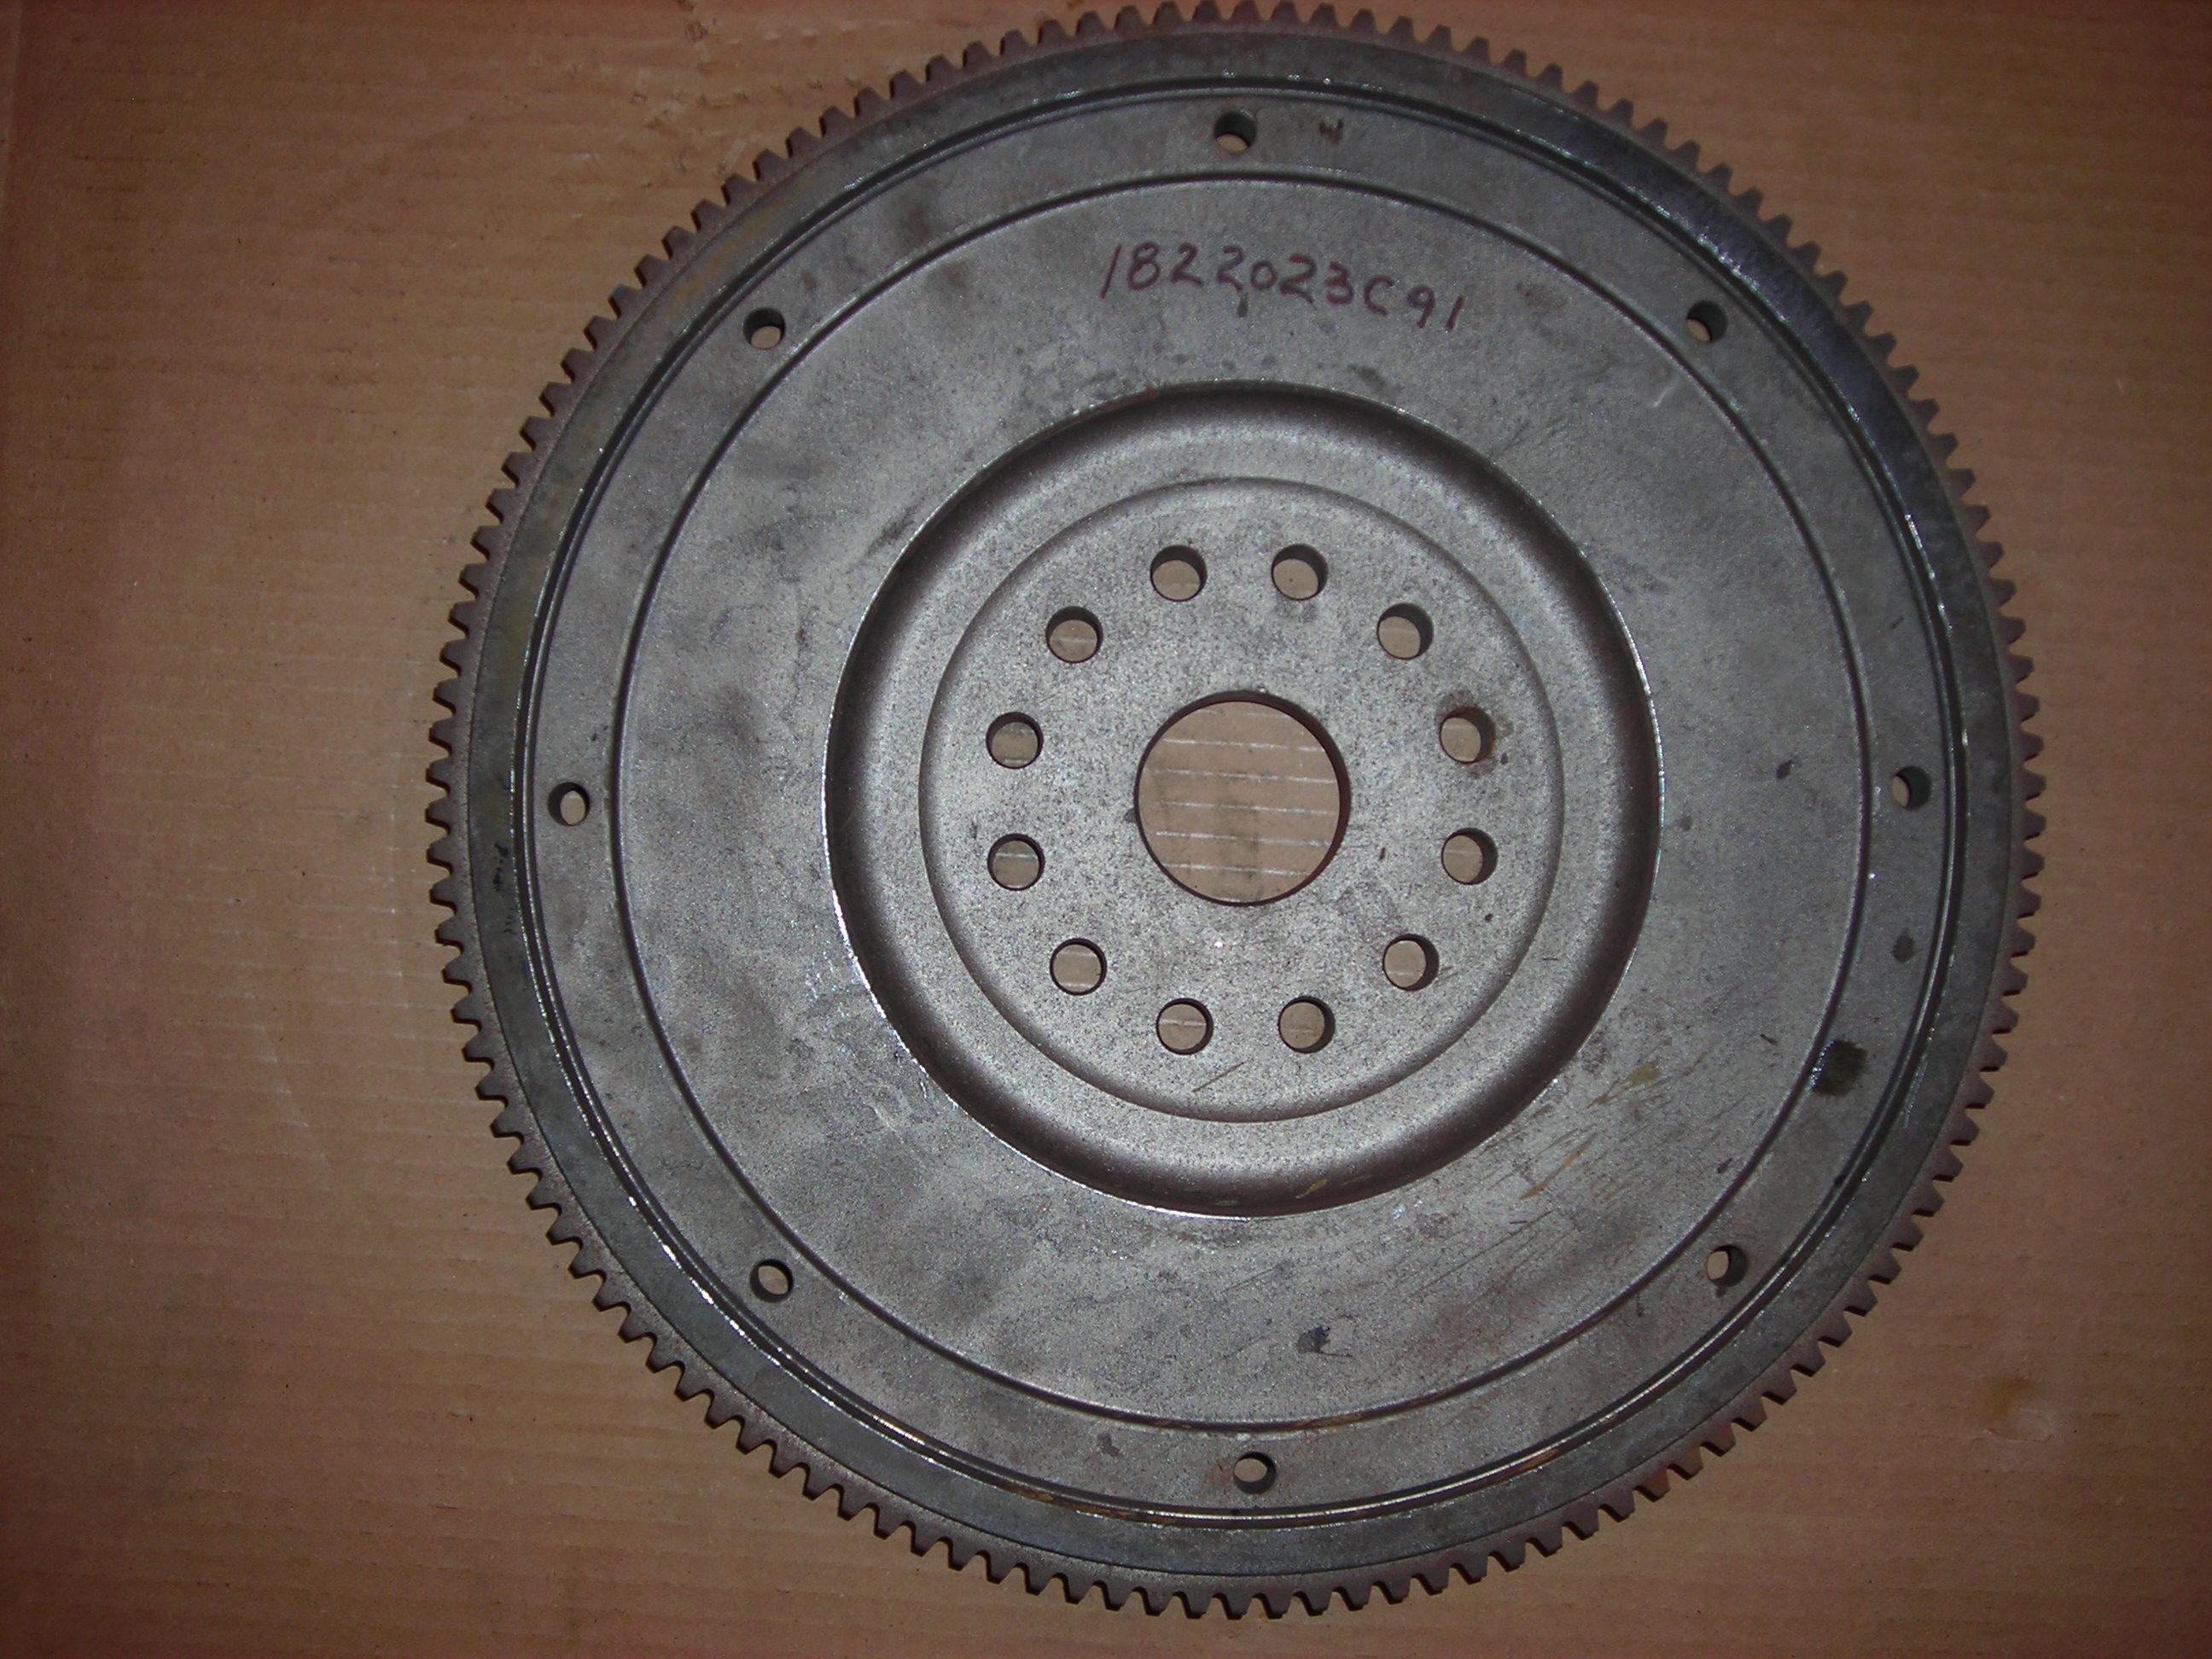 1822023C91 Navistar International Flywheel Rear